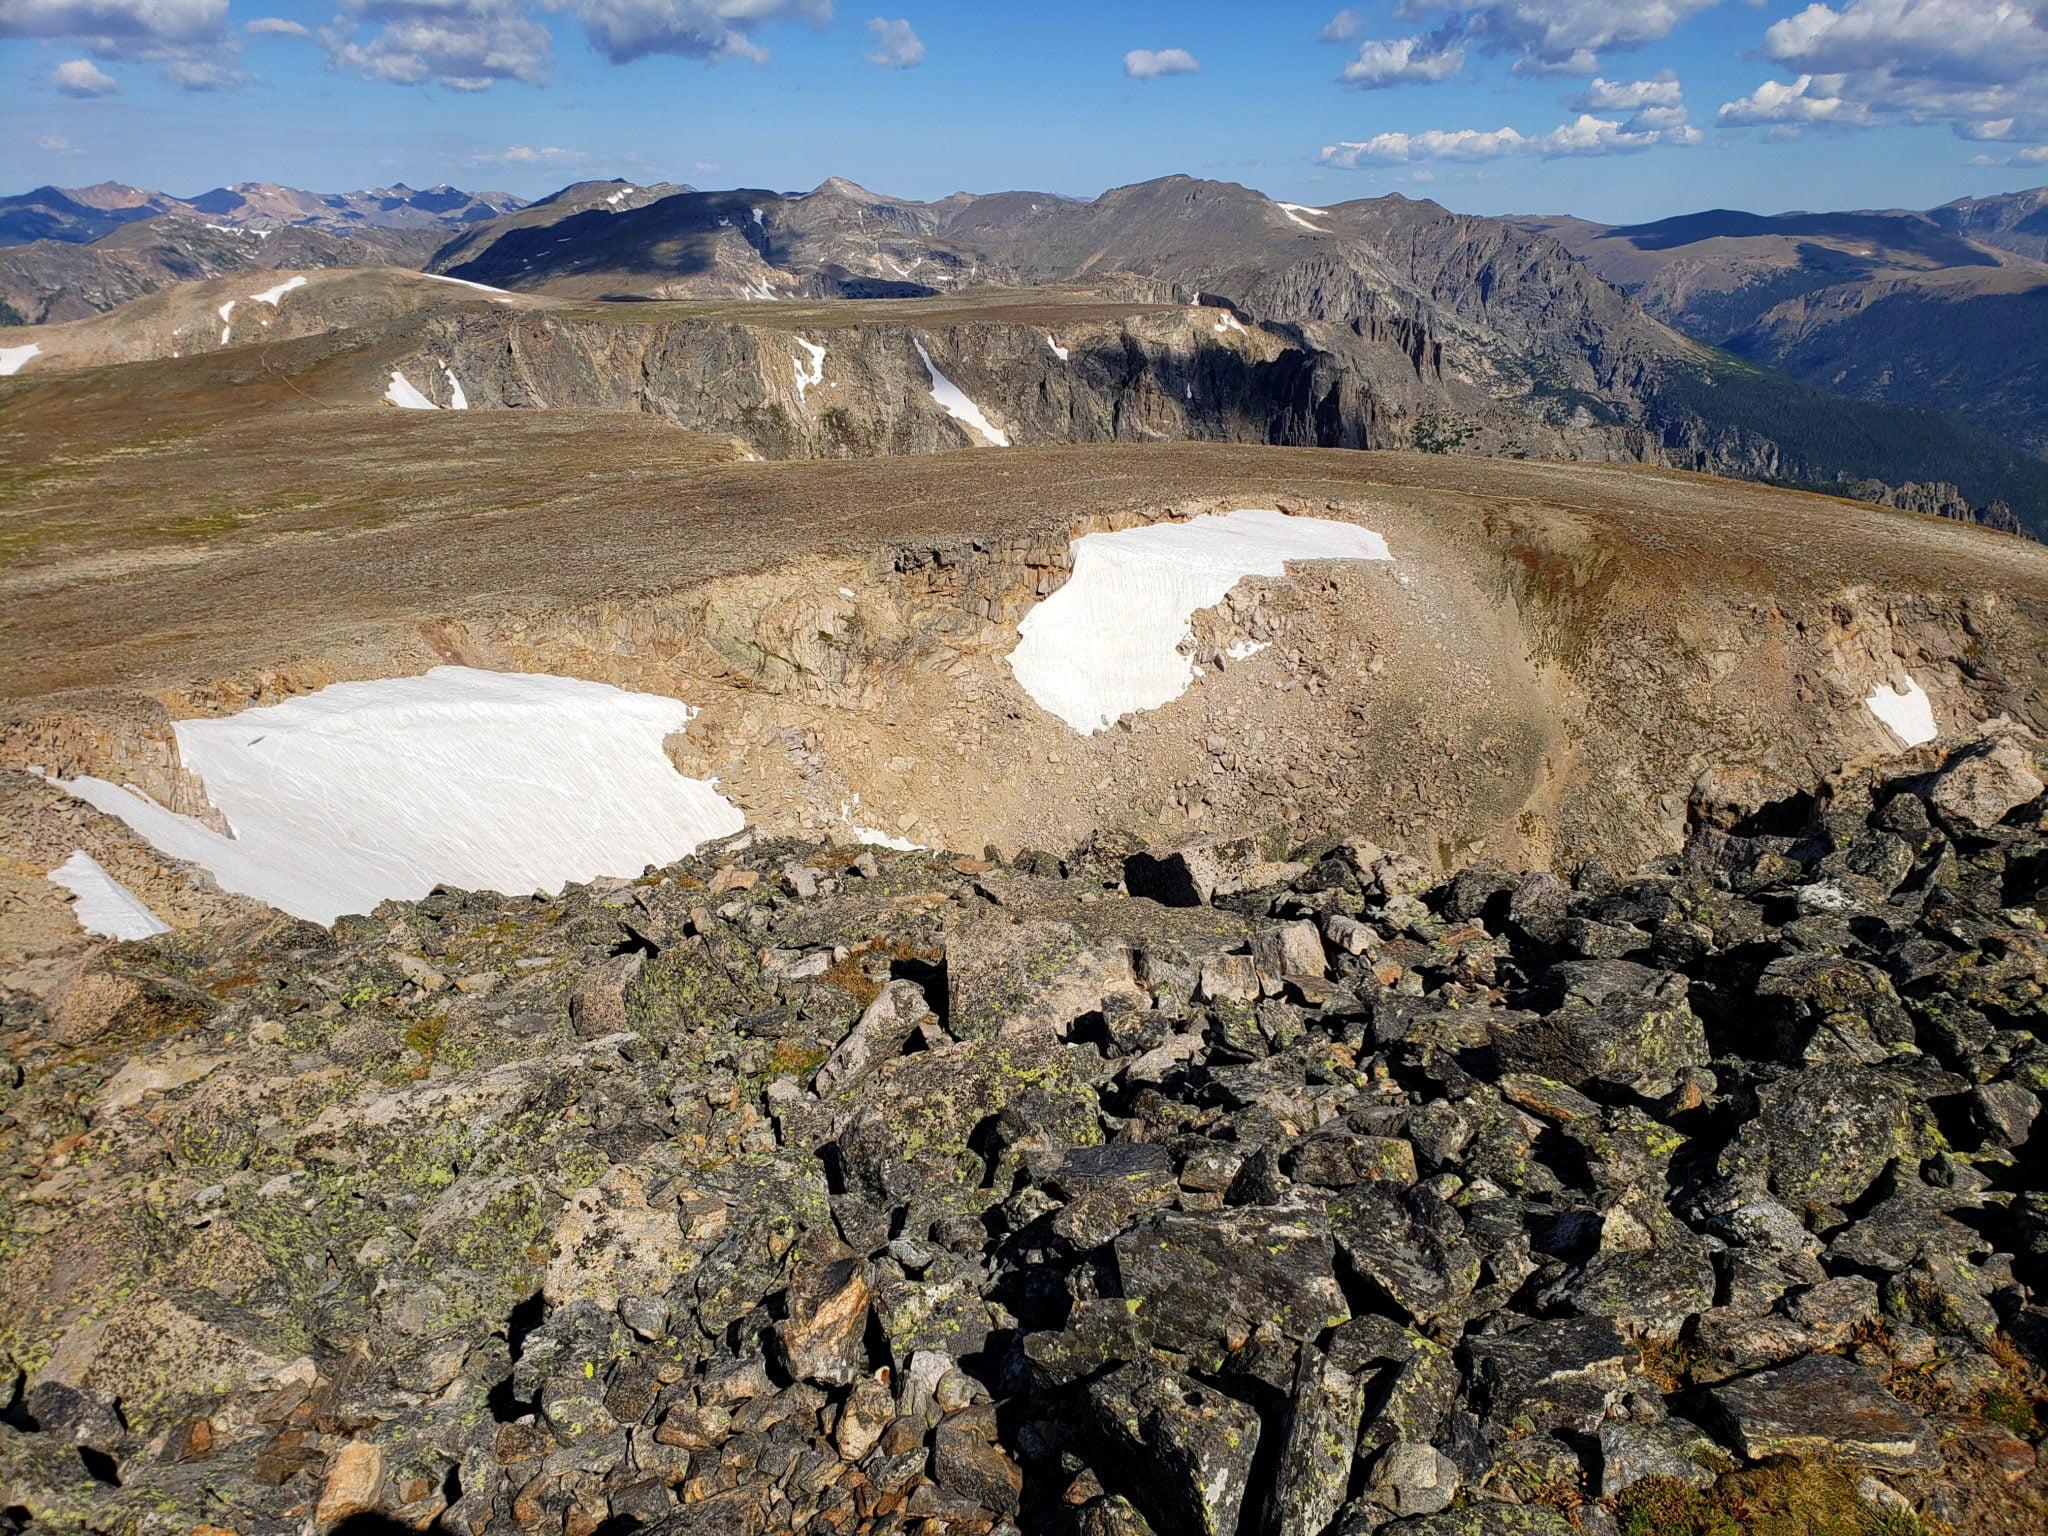 Flattop Mountain from the summit of Hallett Peak